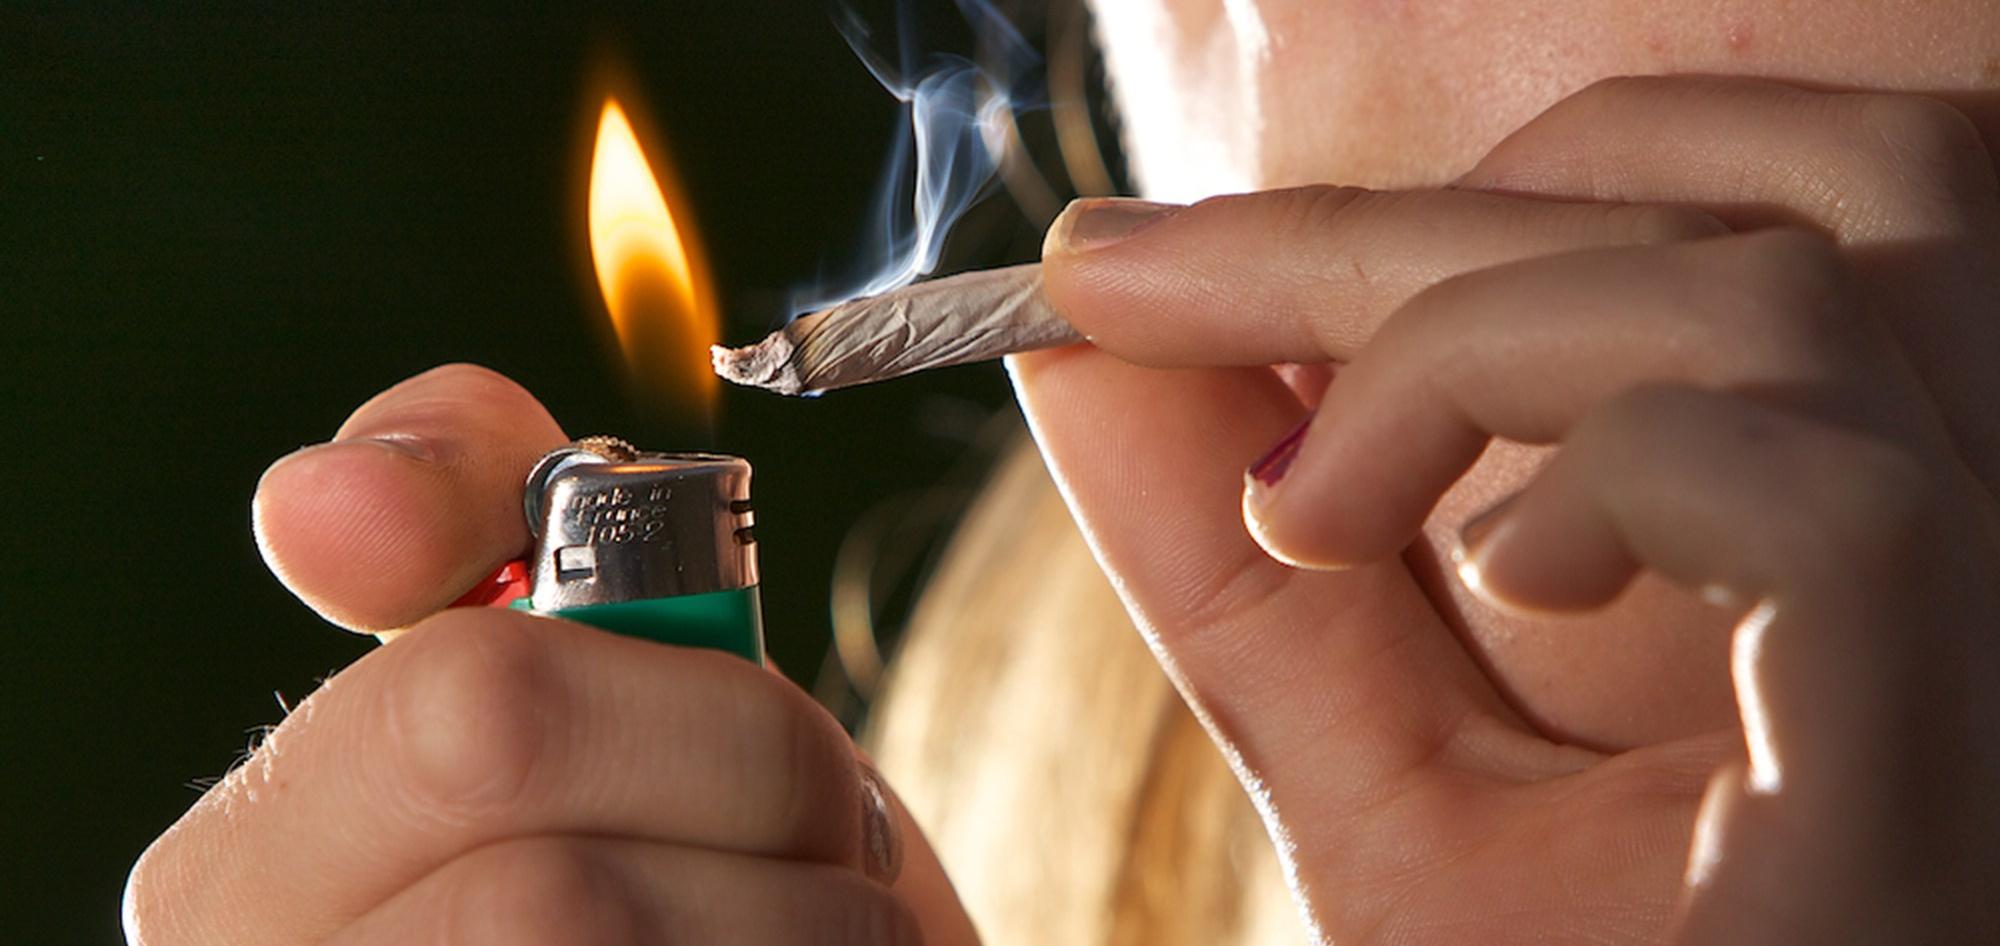 smoking age grandfather clause